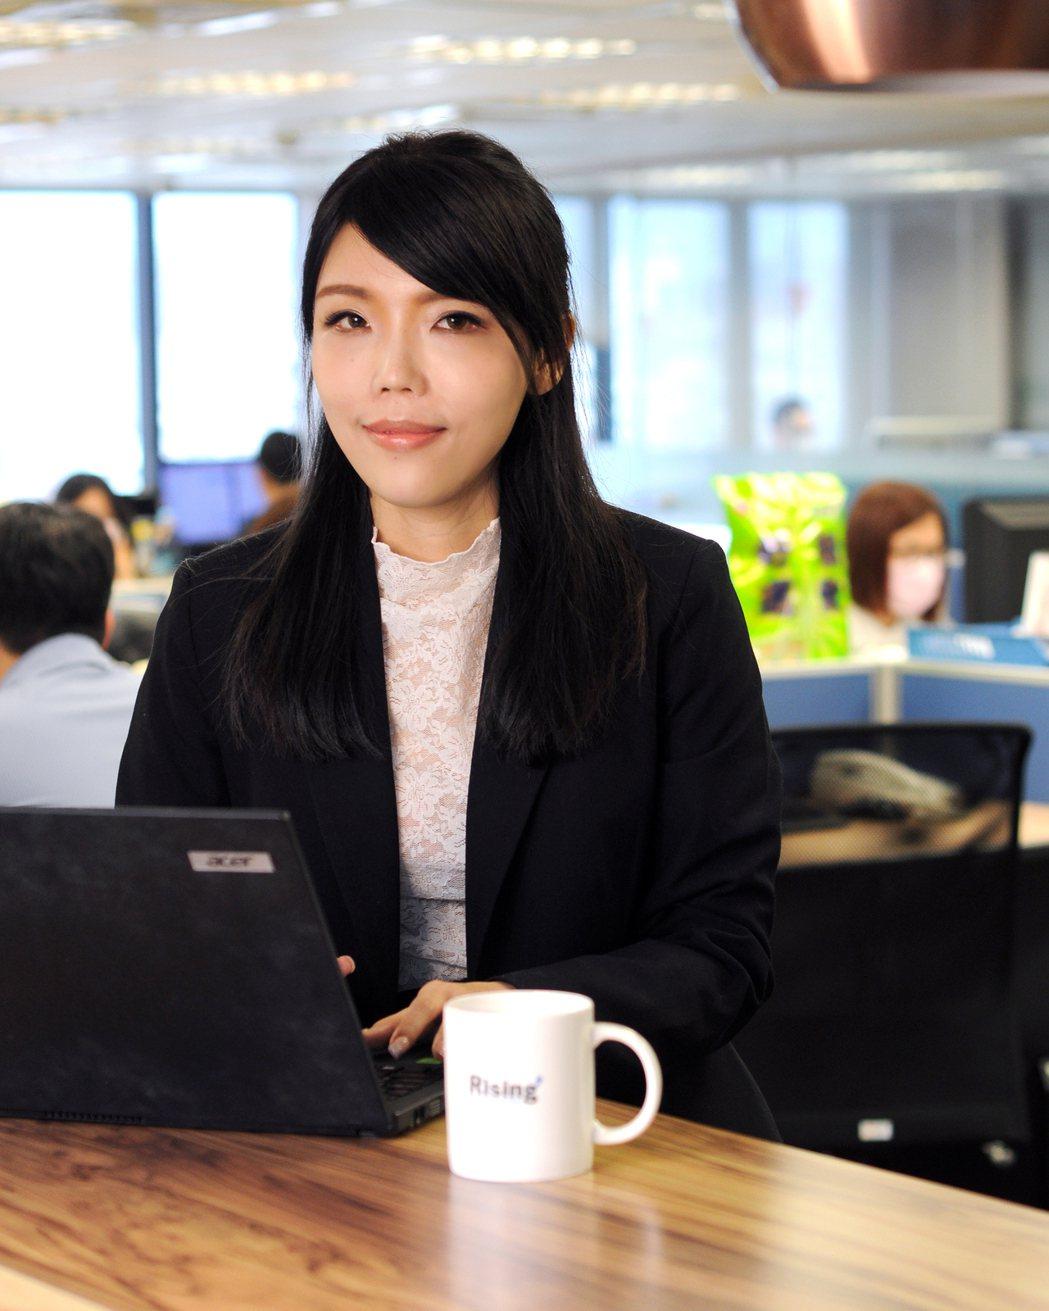 瑞星管顧執行副總蔣宗芸,25歲創業至今,服務過四百多家世界級企業。 瑞星管顧/提...